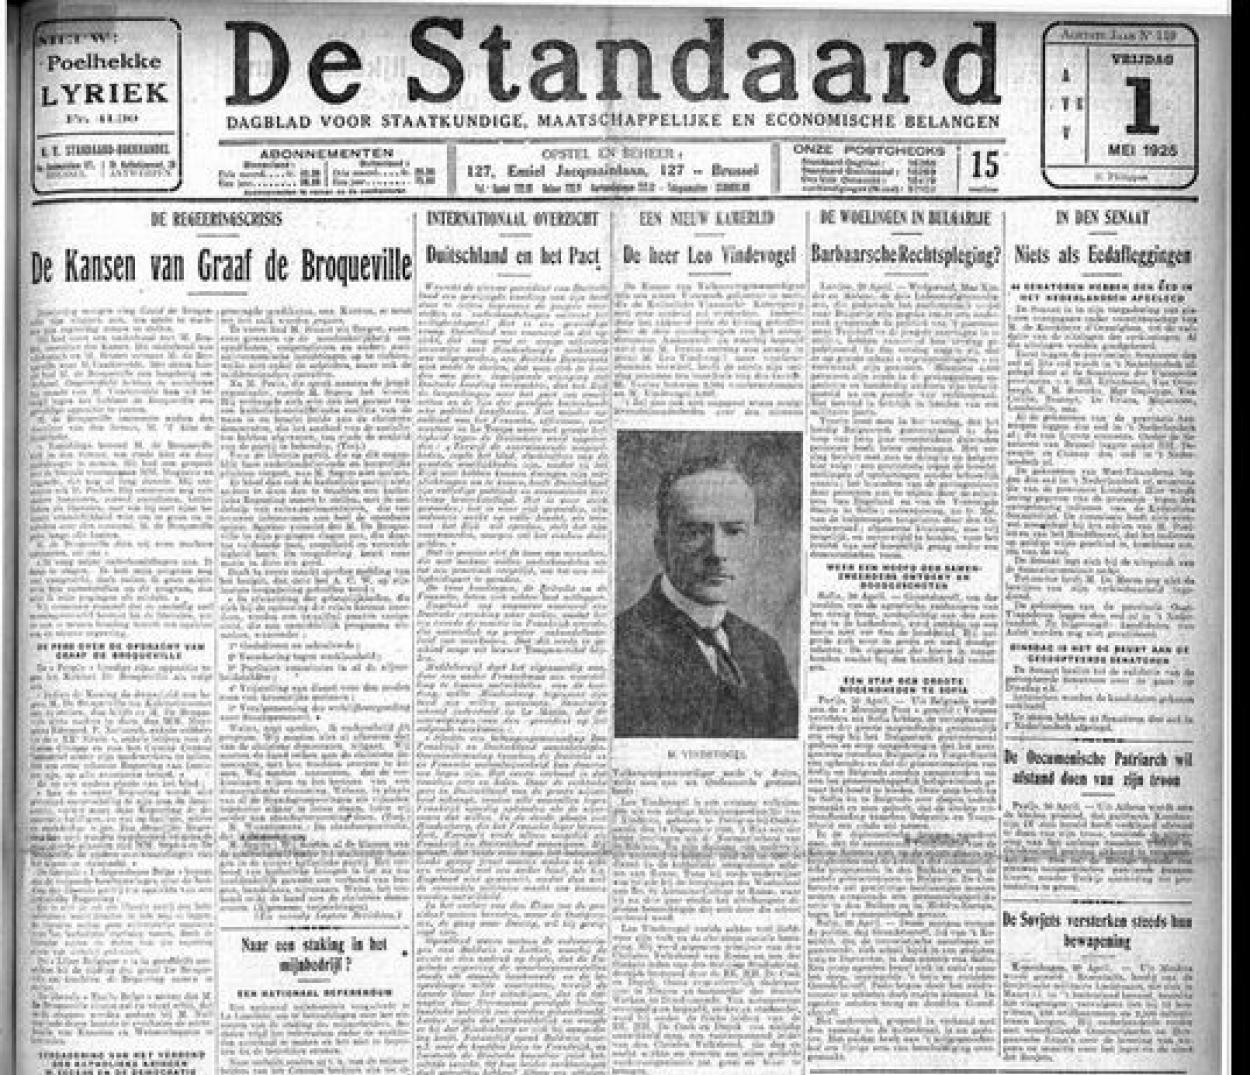 de-standaard-1-5-1925-demi-page.jpg